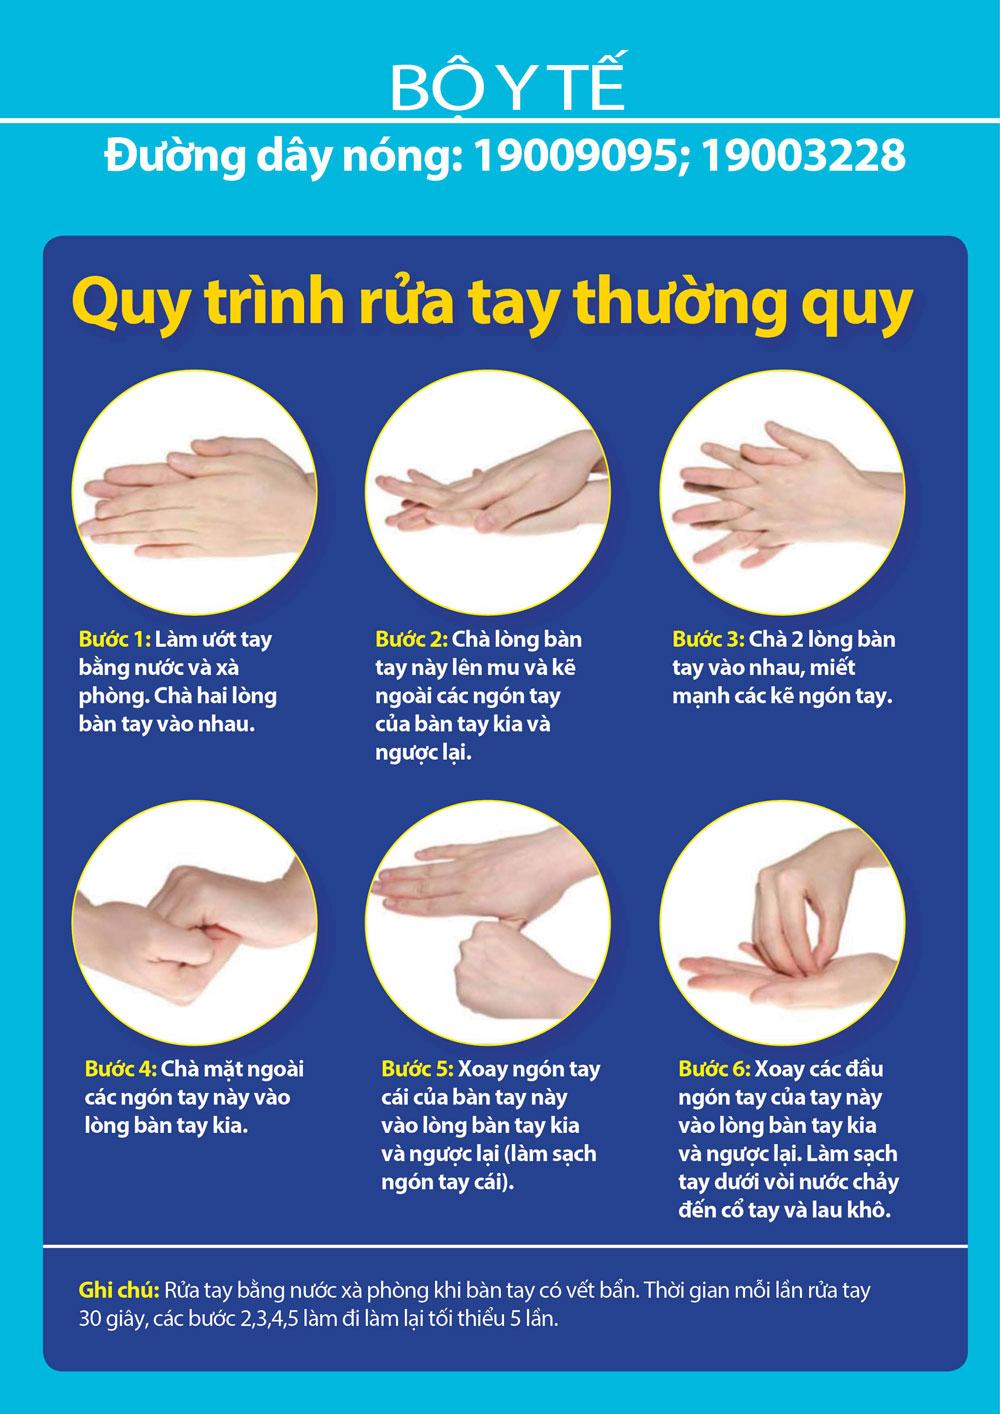 Bộ Y tế khuyến cáo rửa tay đúng cách để phòng bệnh COVID-19